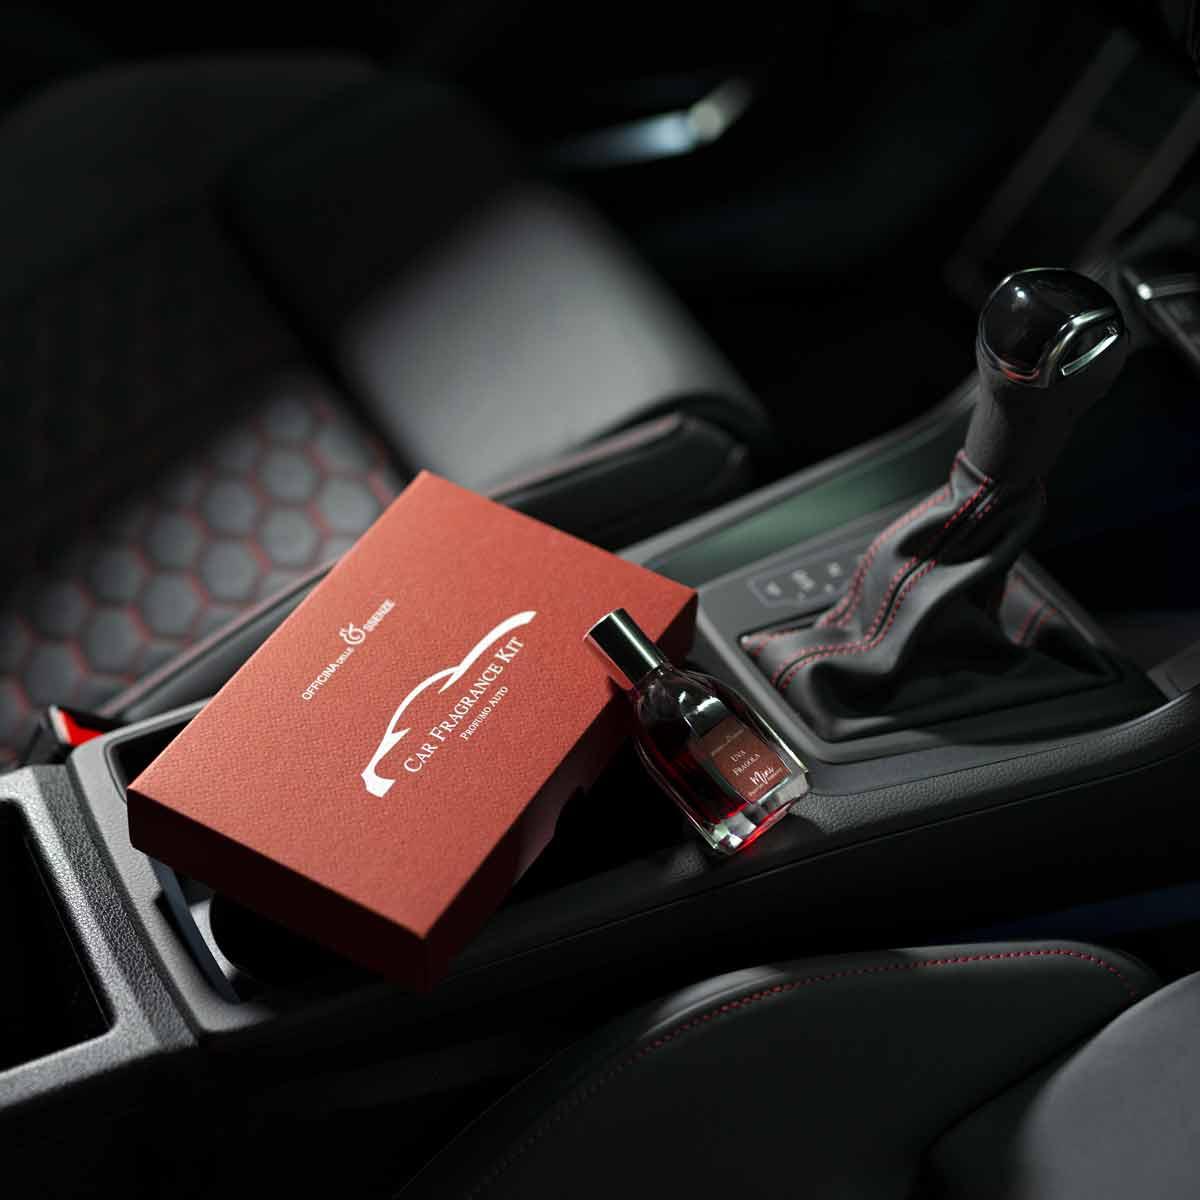 Migliore profumo per auto